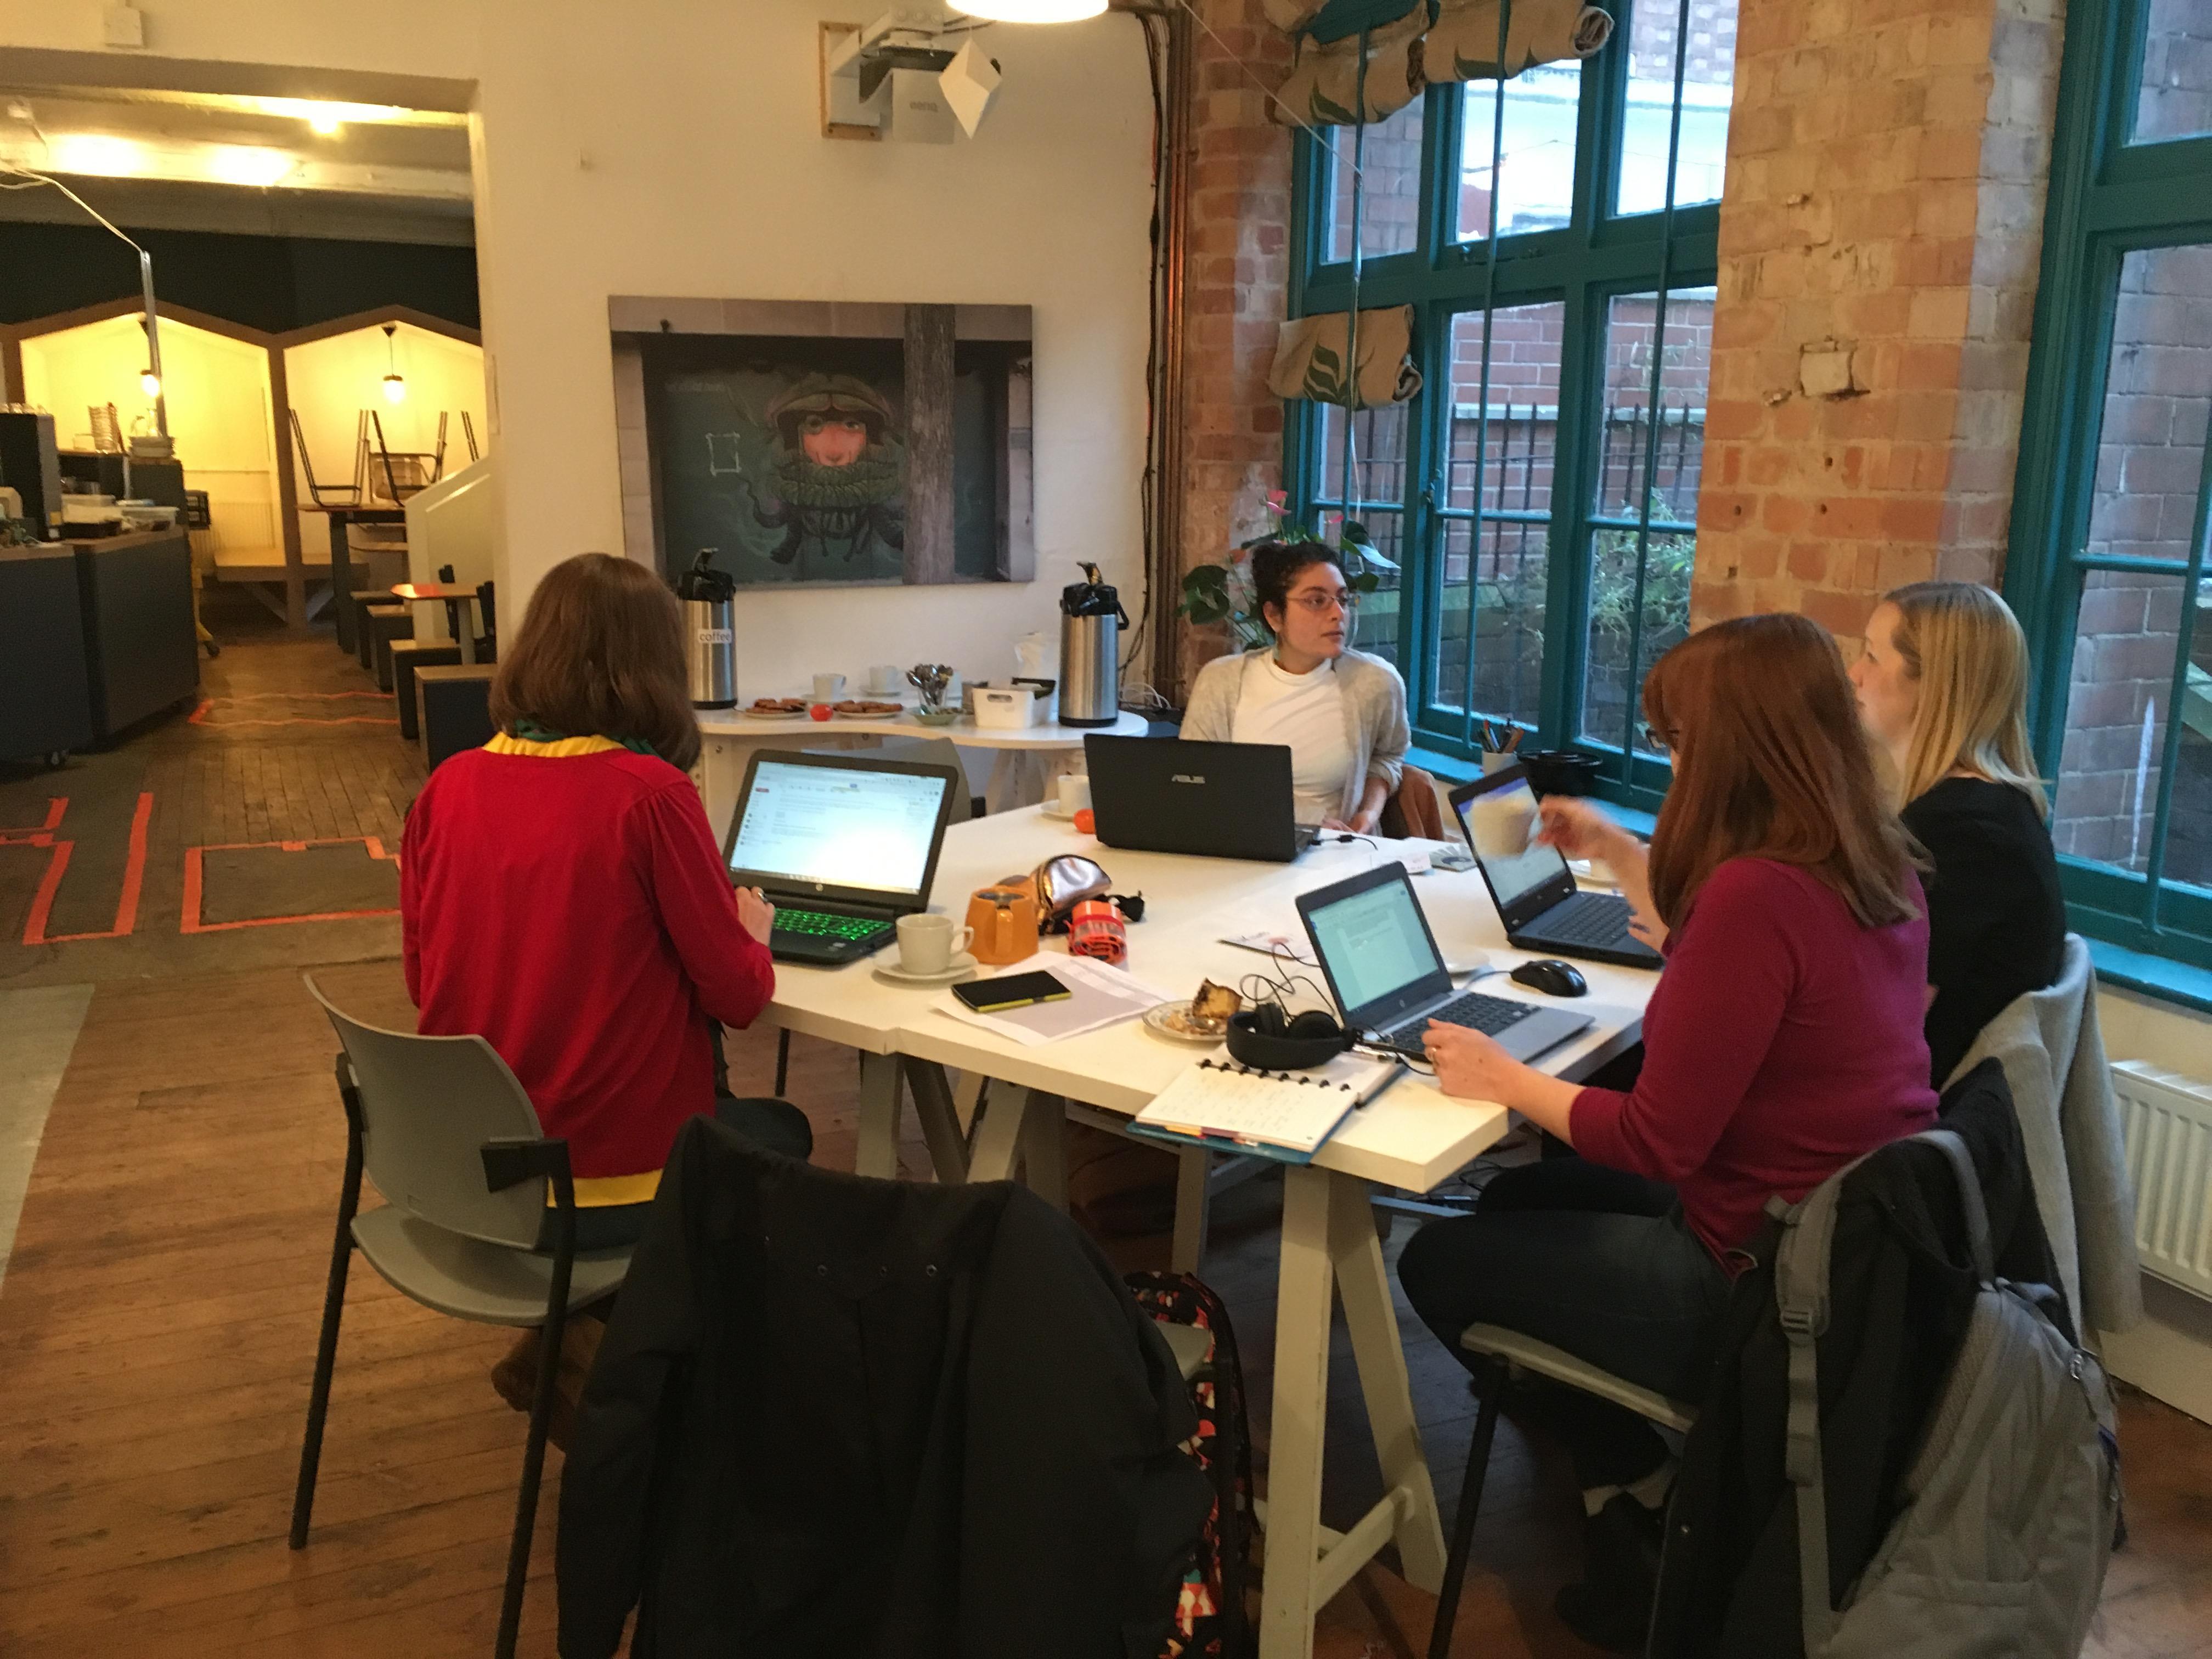 Independent Workspace – Social Media & Busine